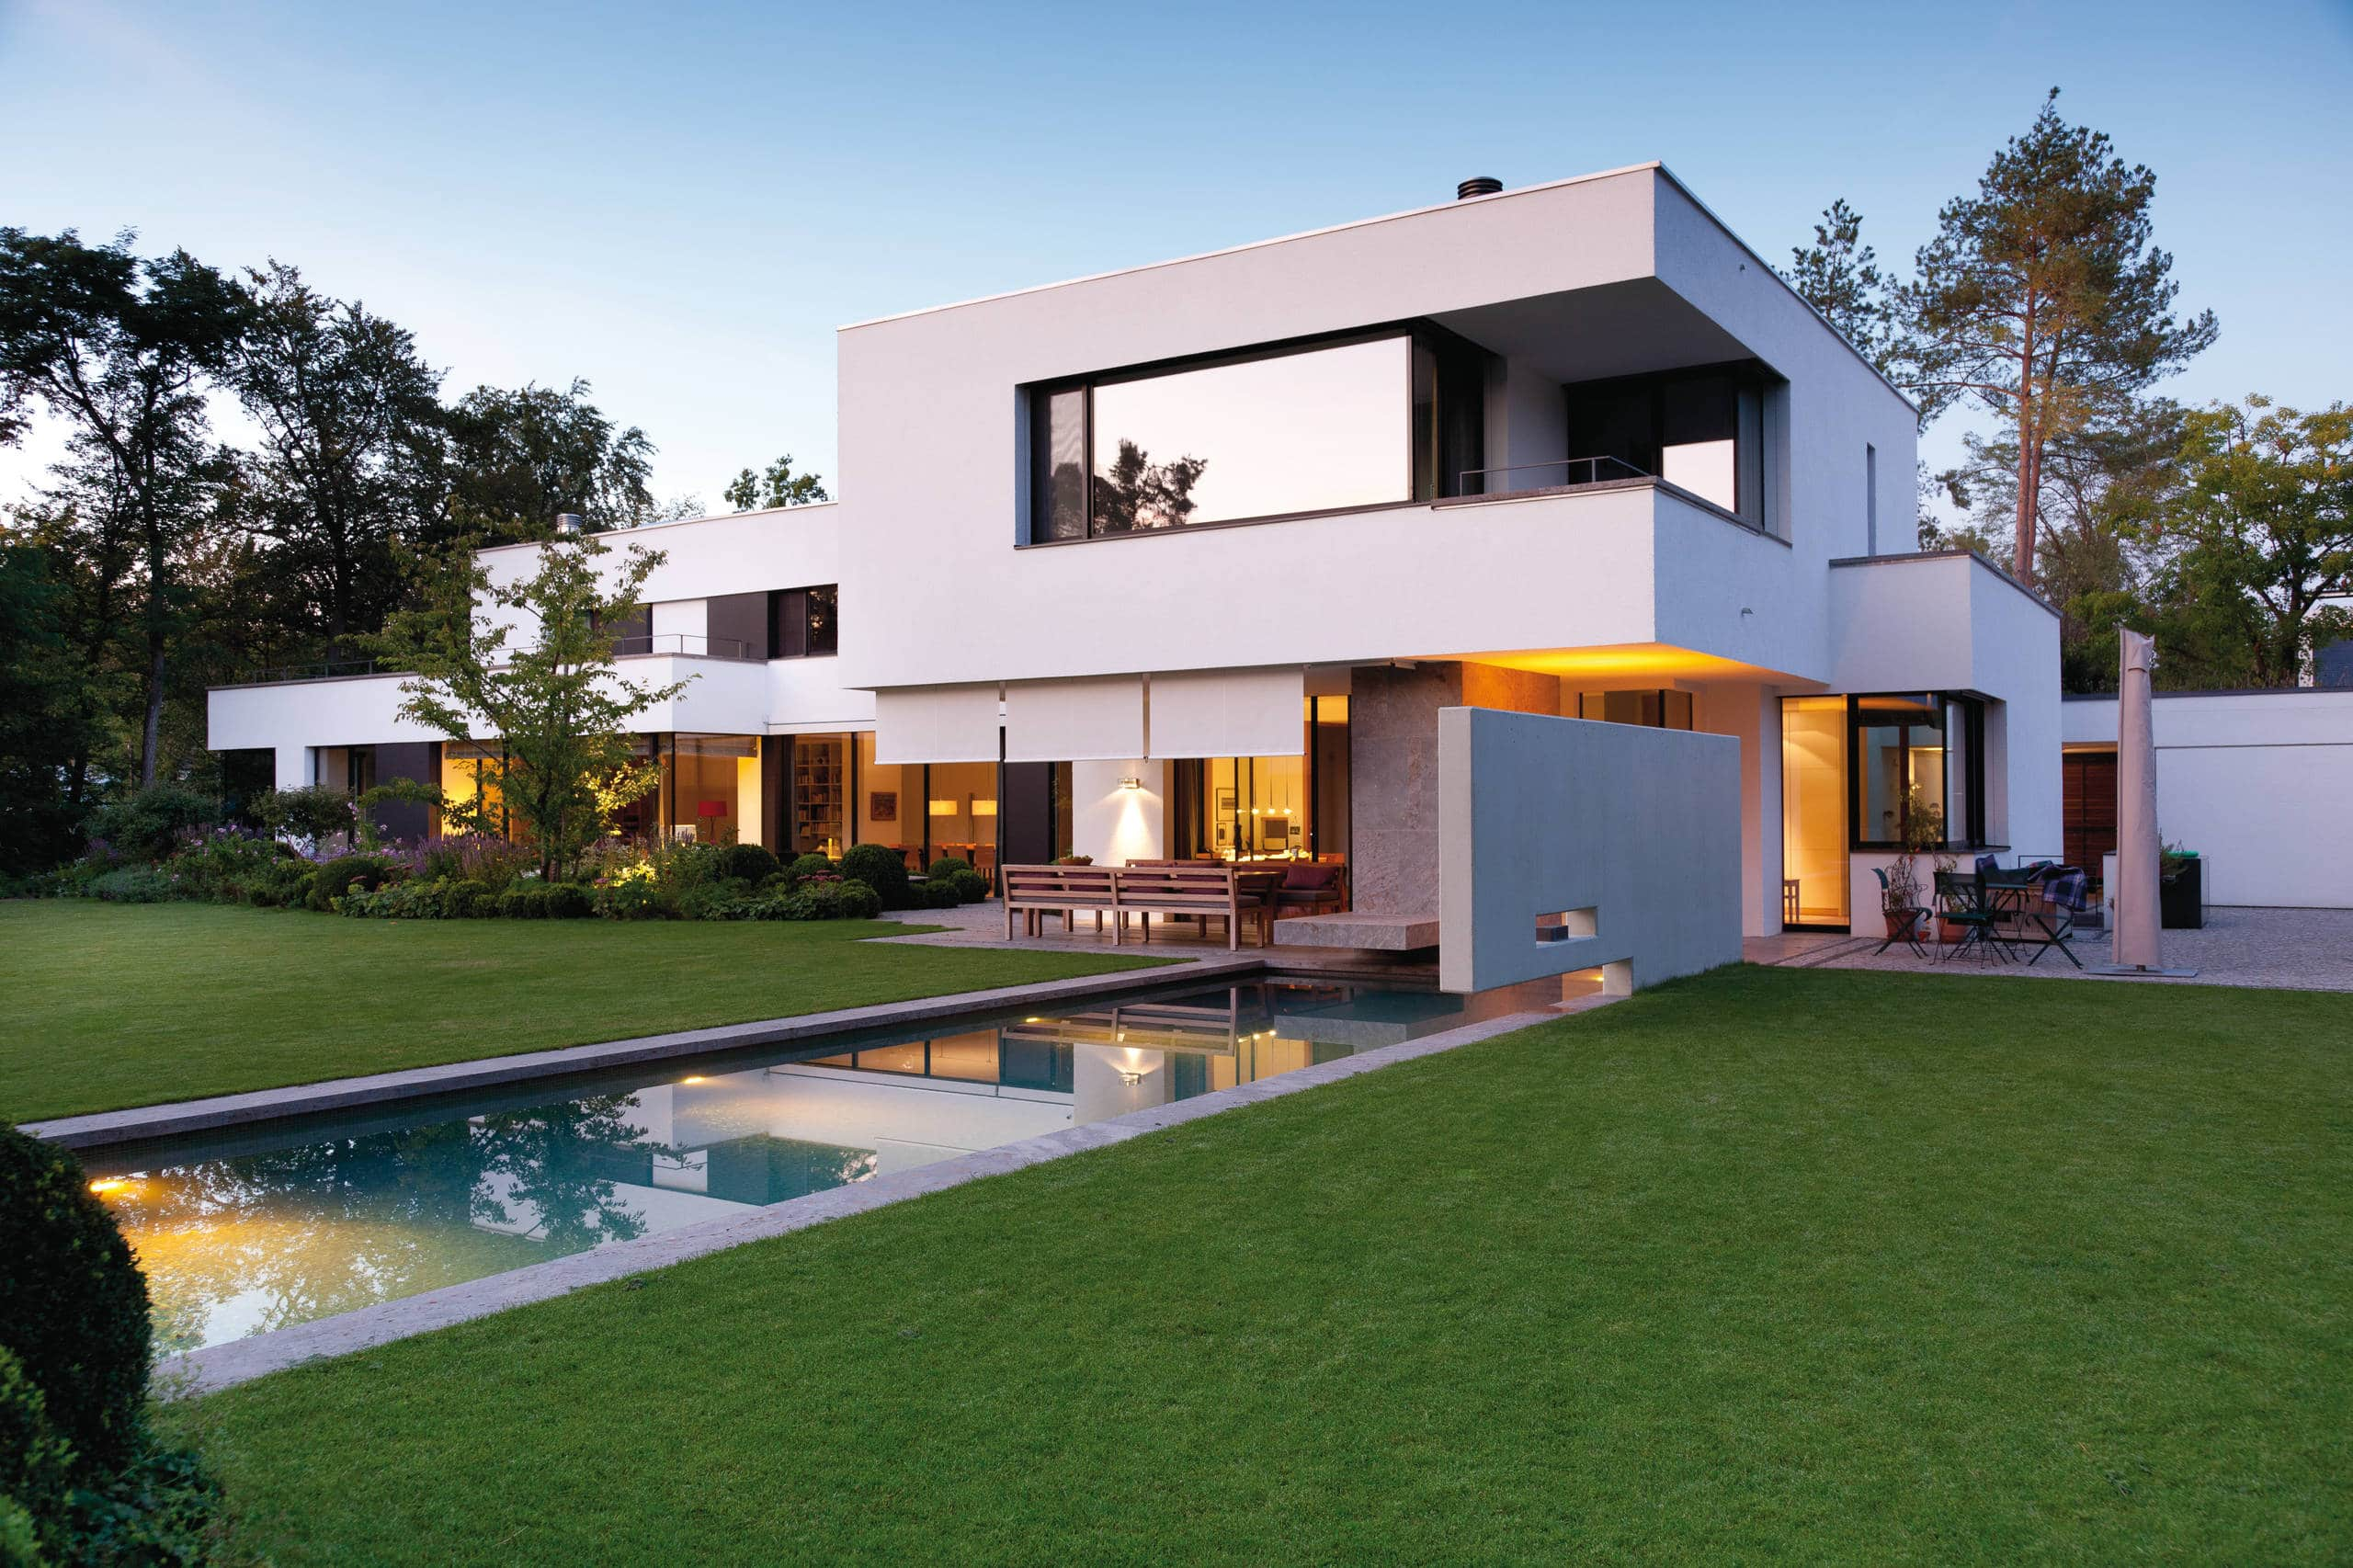 Fachadas modernas de casas de dos pisos construye hogar - Disenos para casas modernas ...